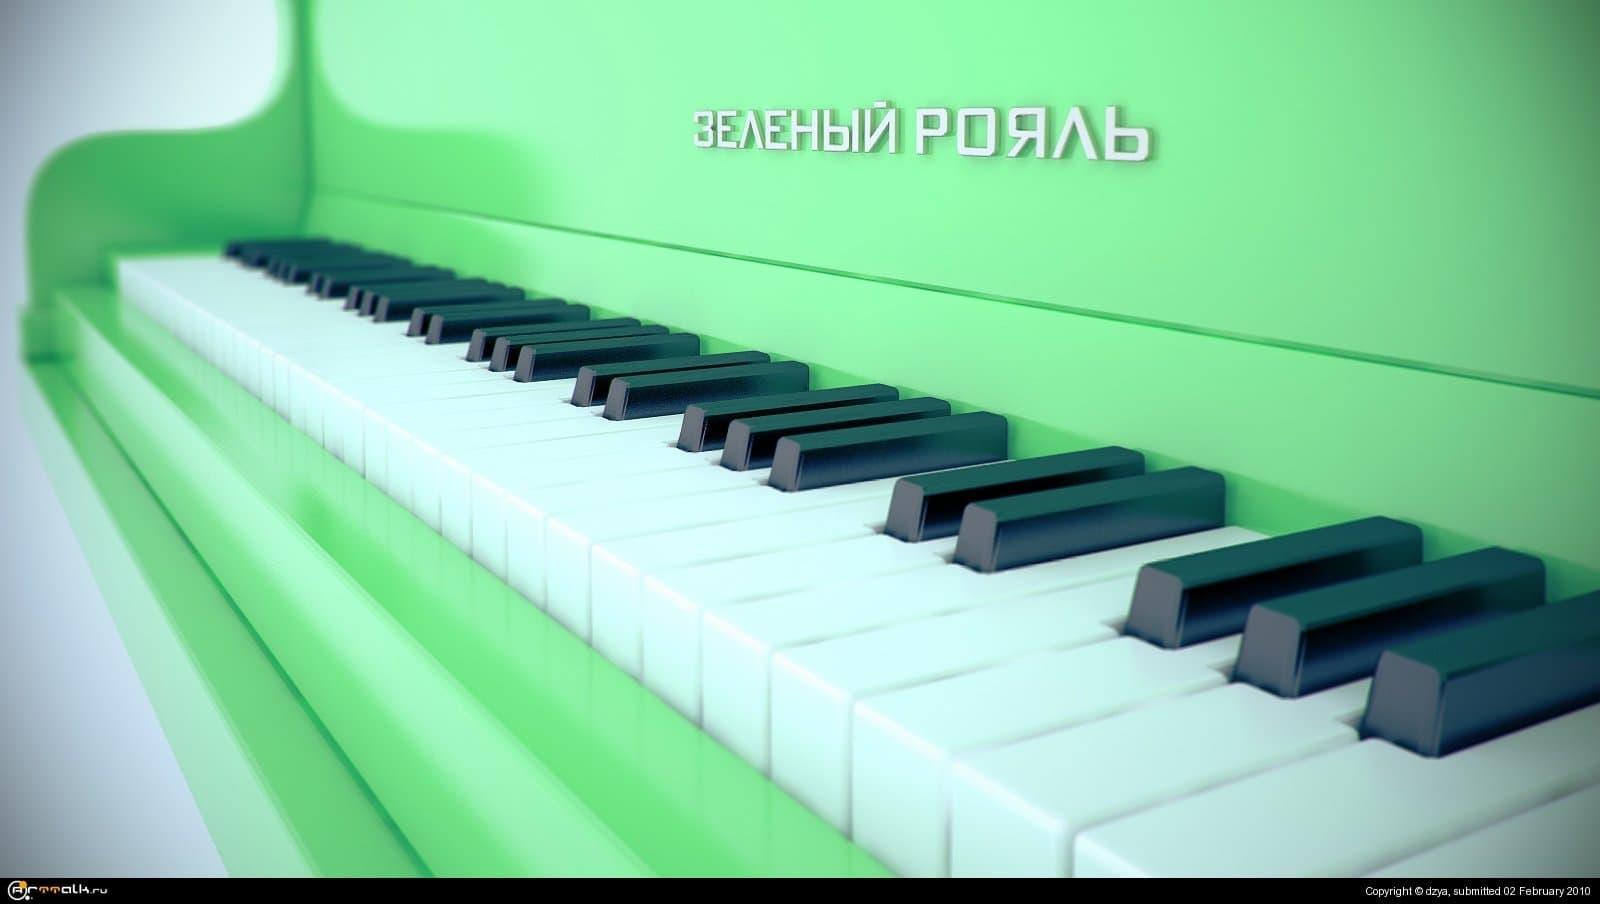 Green Grand Piano